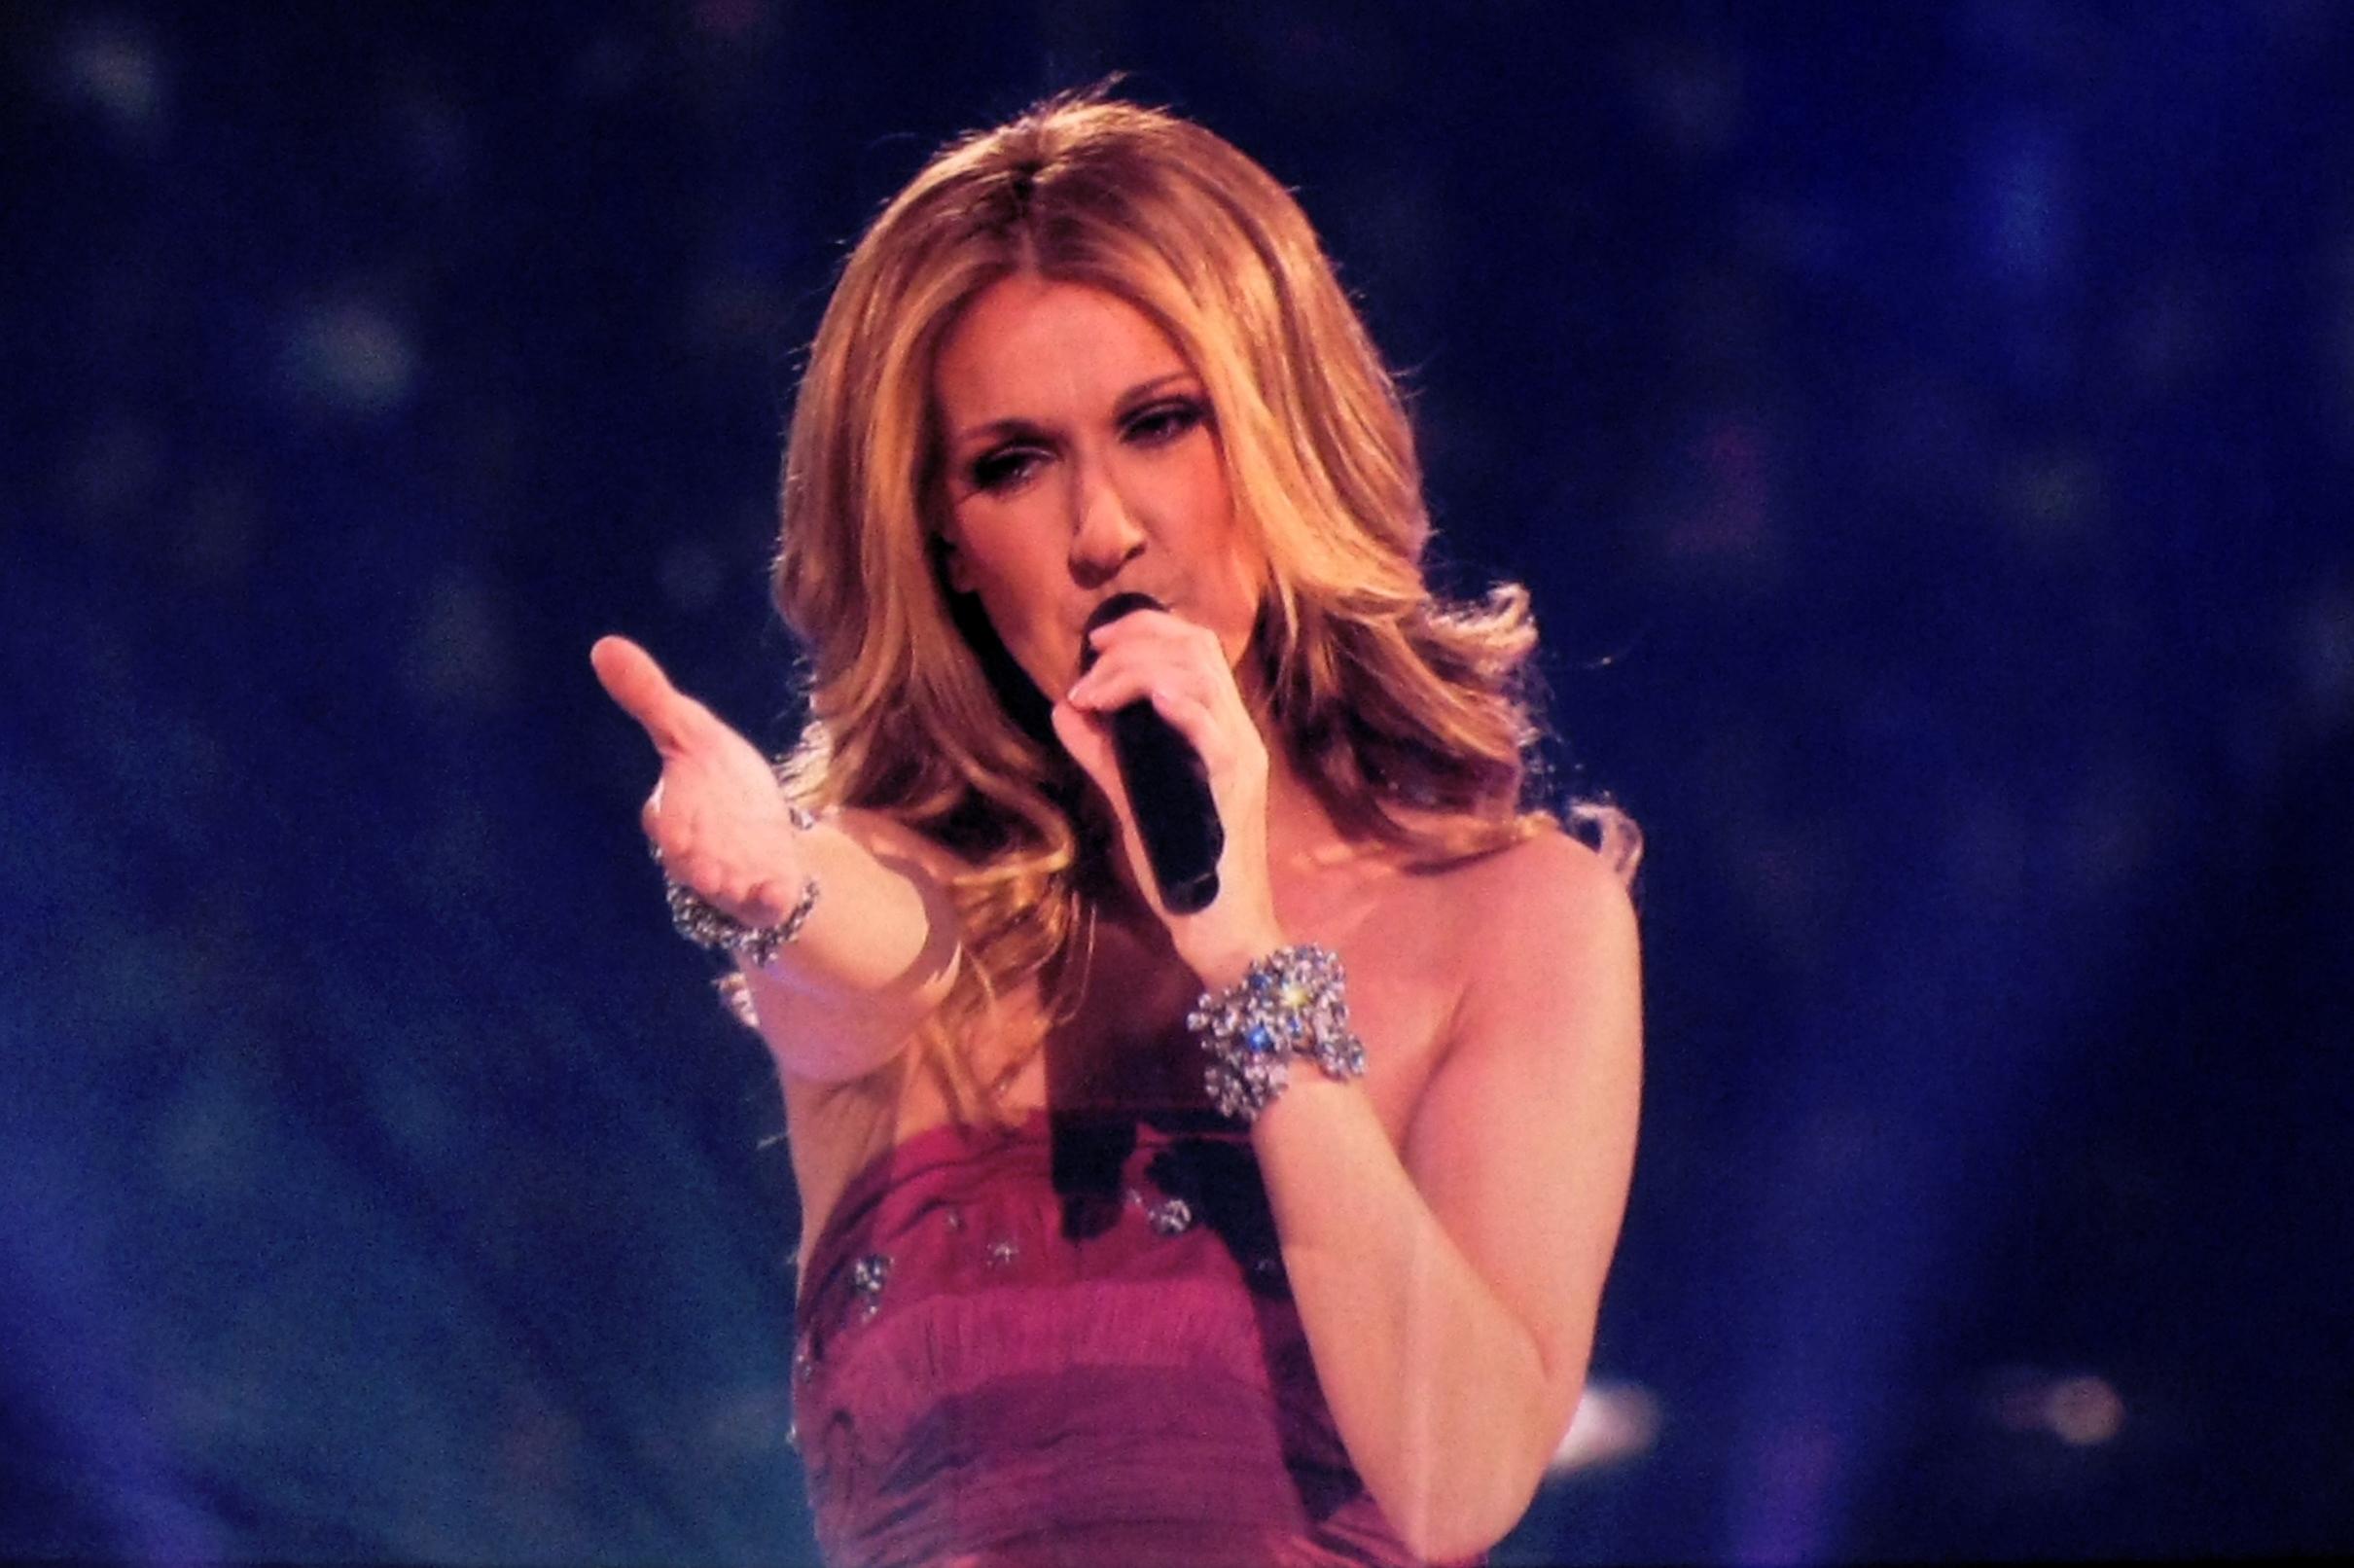 Celine Dion in concert.